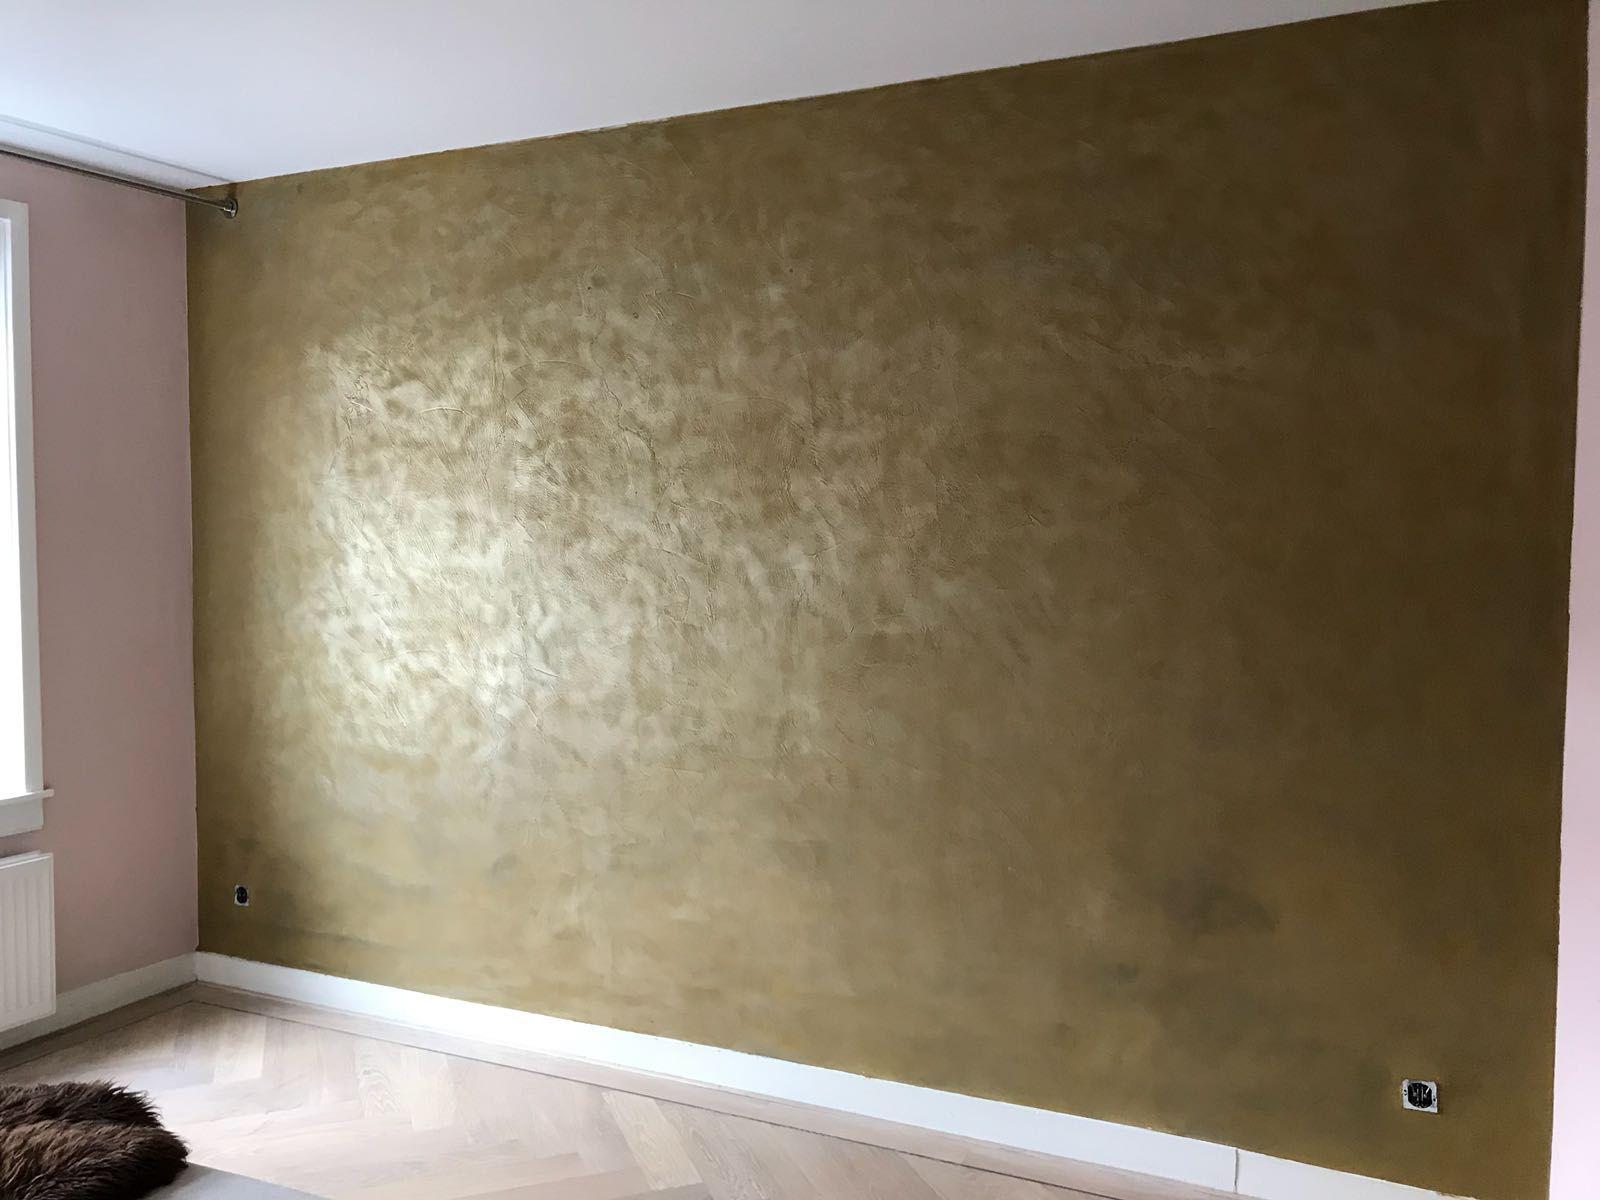 Messing Metalstuc Wand Van Bruizt Metallook Betonstuc Messing Donkere Slaapkamers Stucwerk Wanden Woonkamer Behang